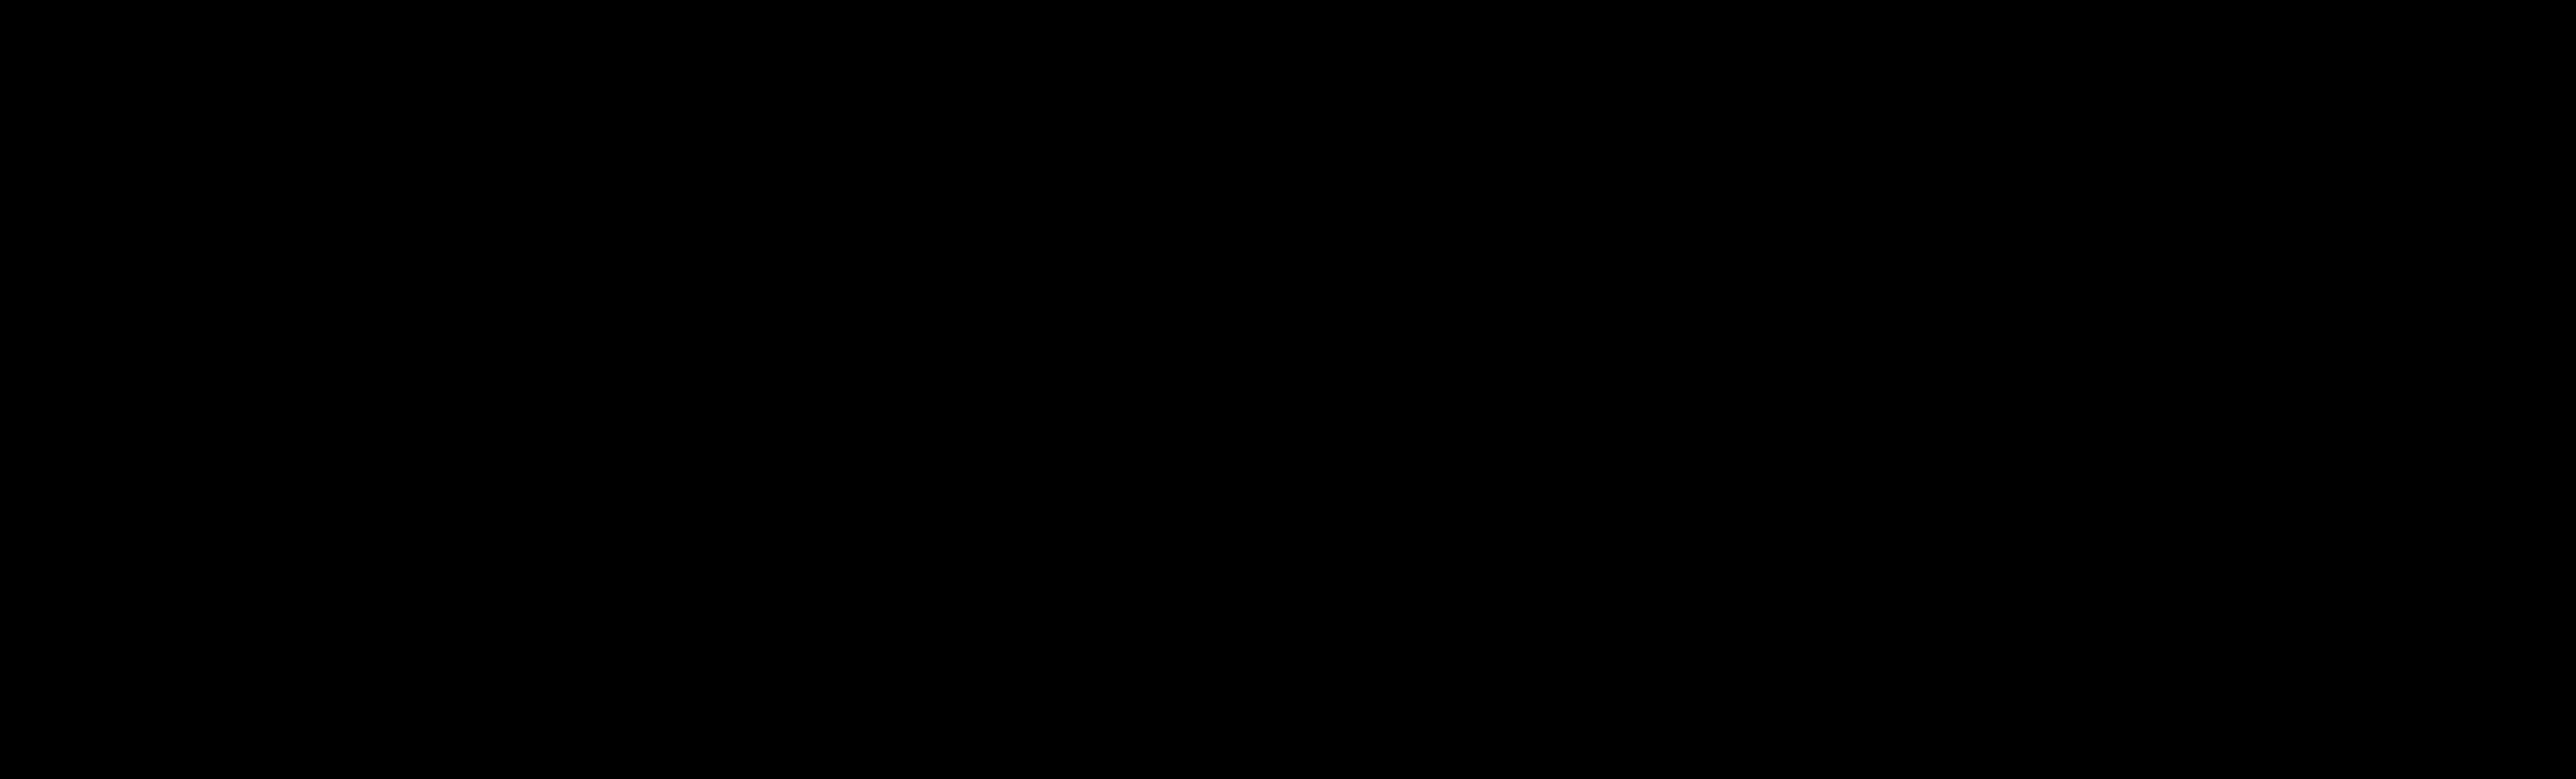 JNL Group AB